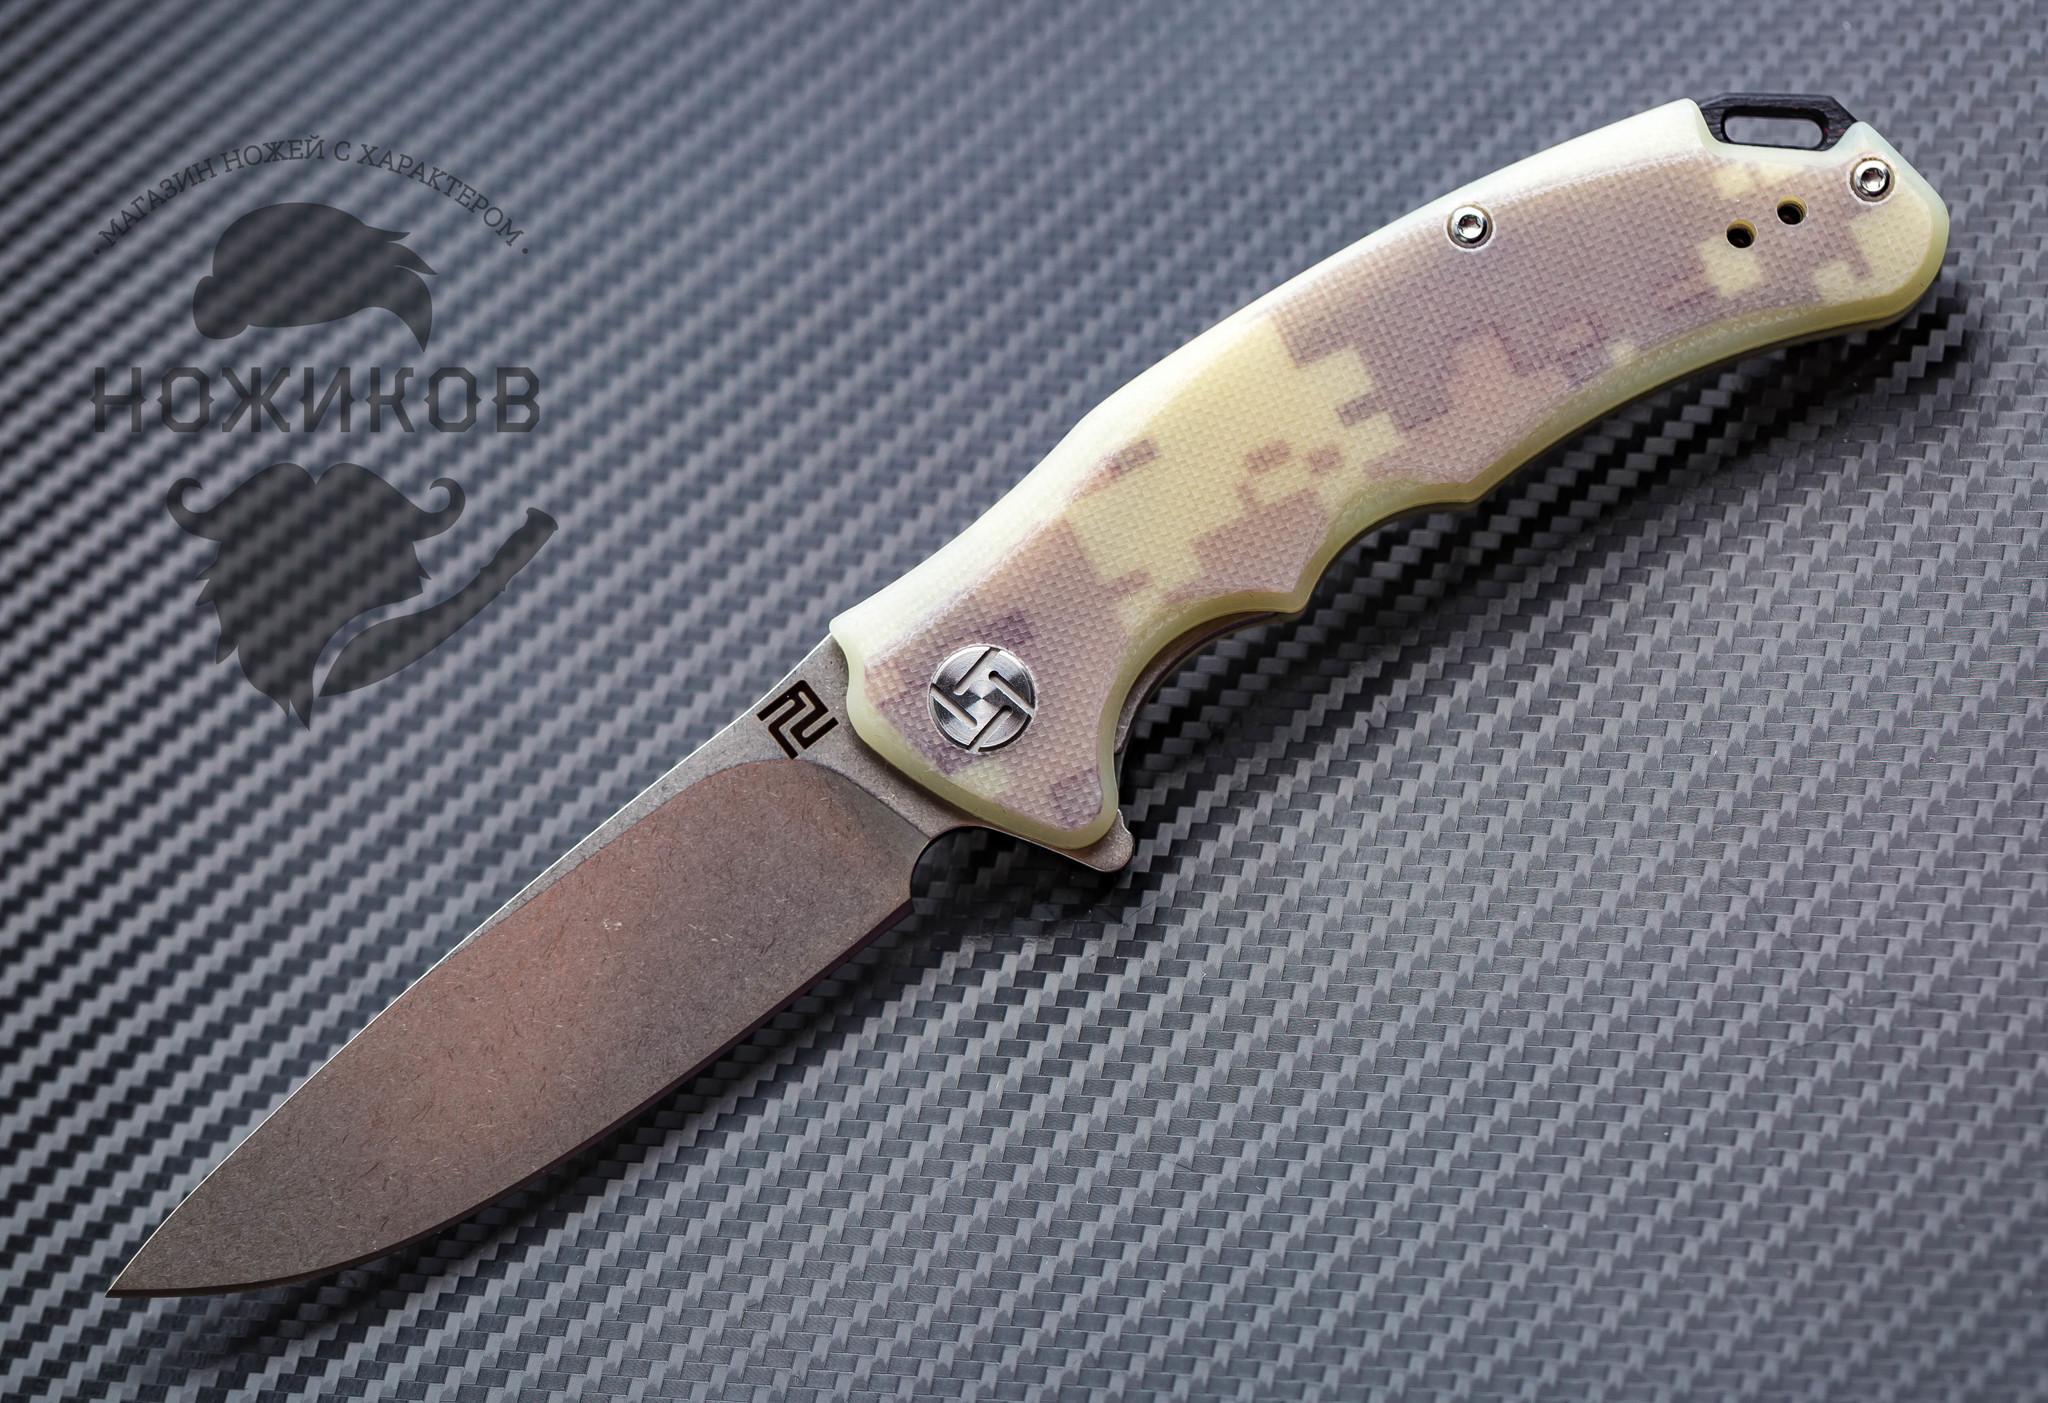 Складной нож Artisan Tradition mini, камуфляж, сталь D2, G10